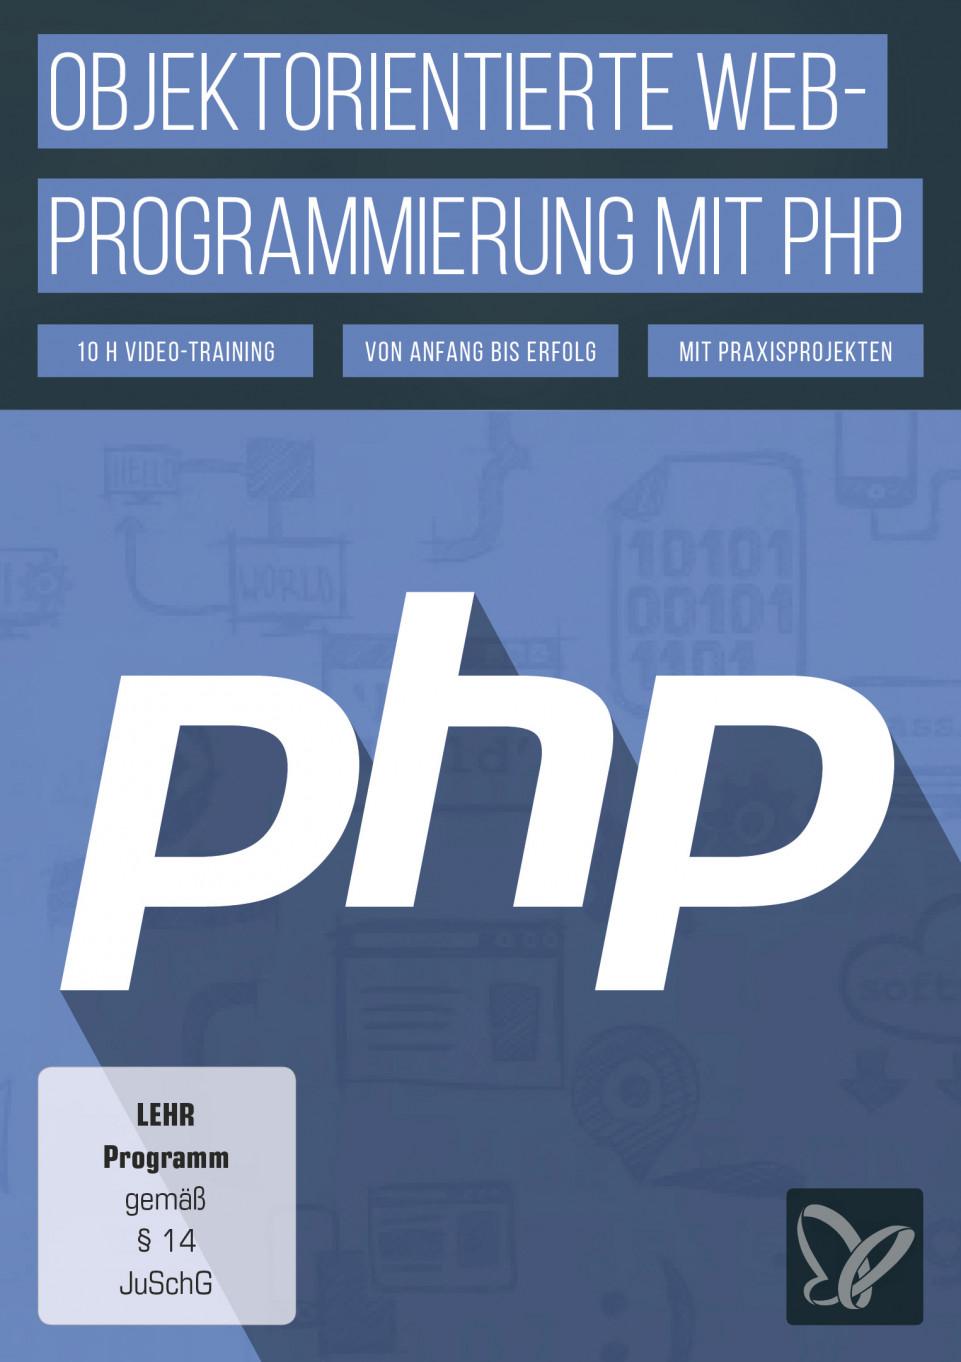 Objektorientierte Web-Programmierung mit PHP